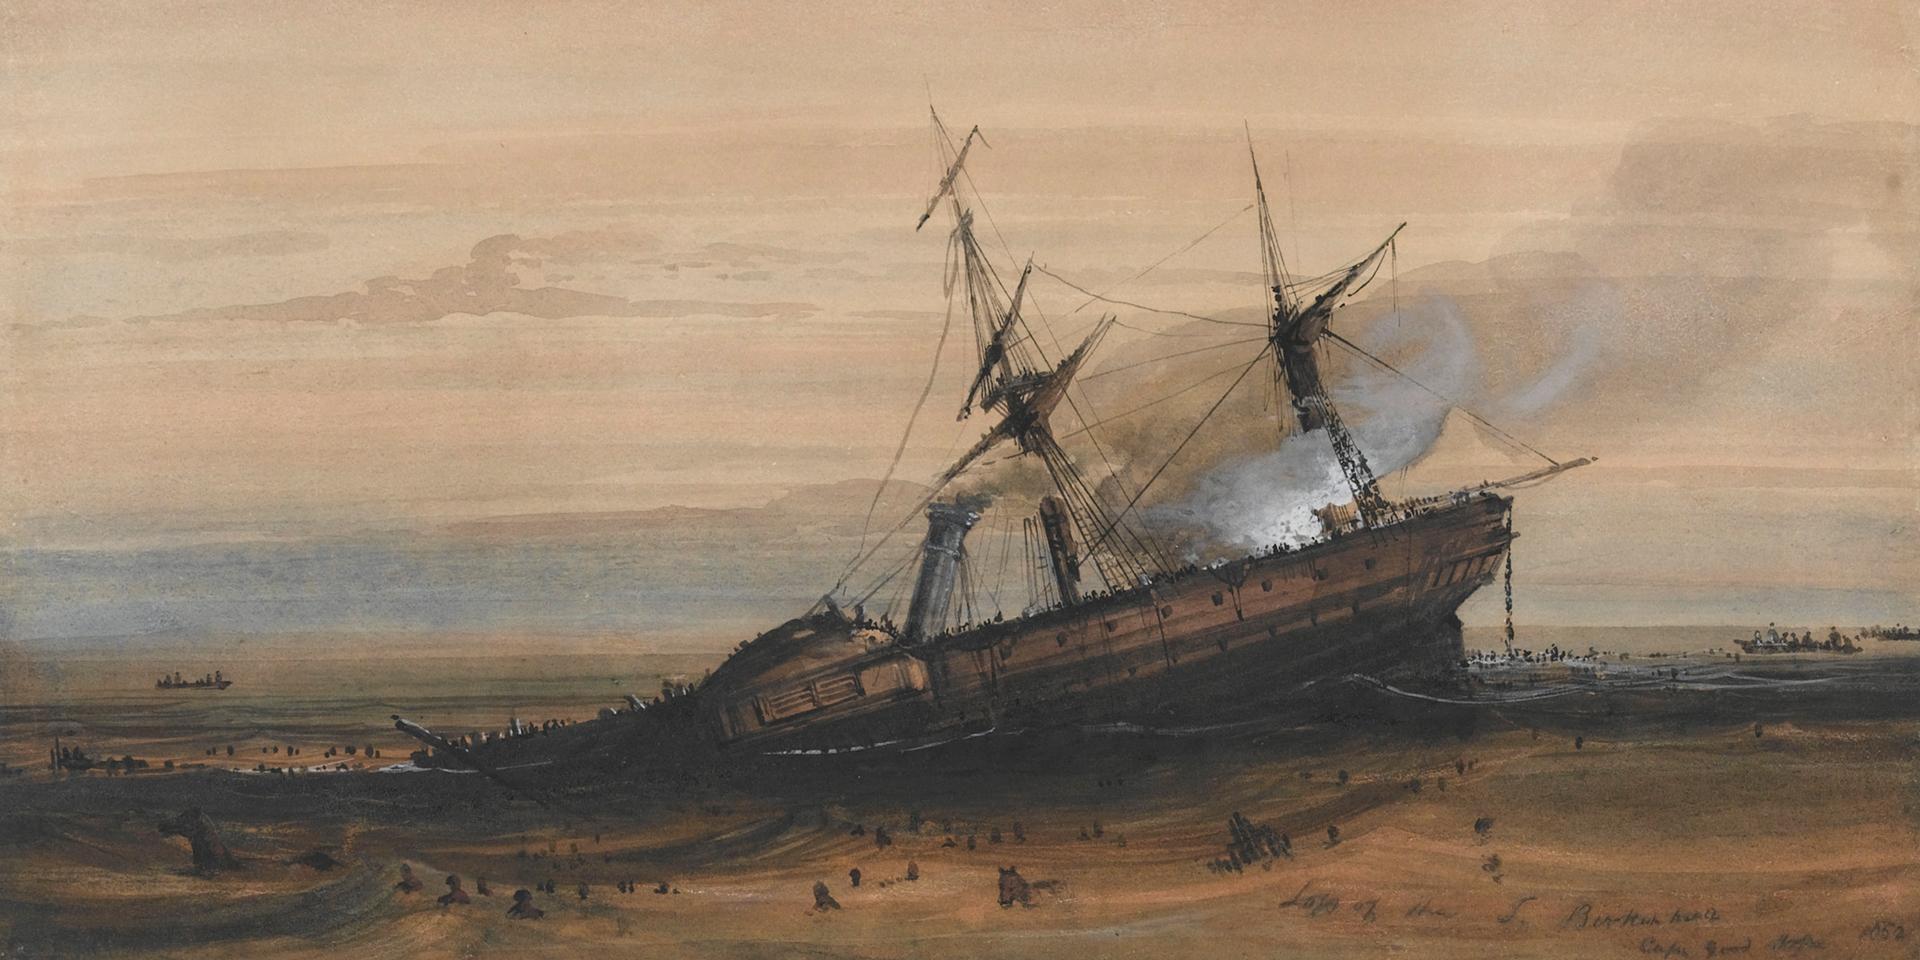 Wreck of HM Steamship 'Birkenhead', 1852